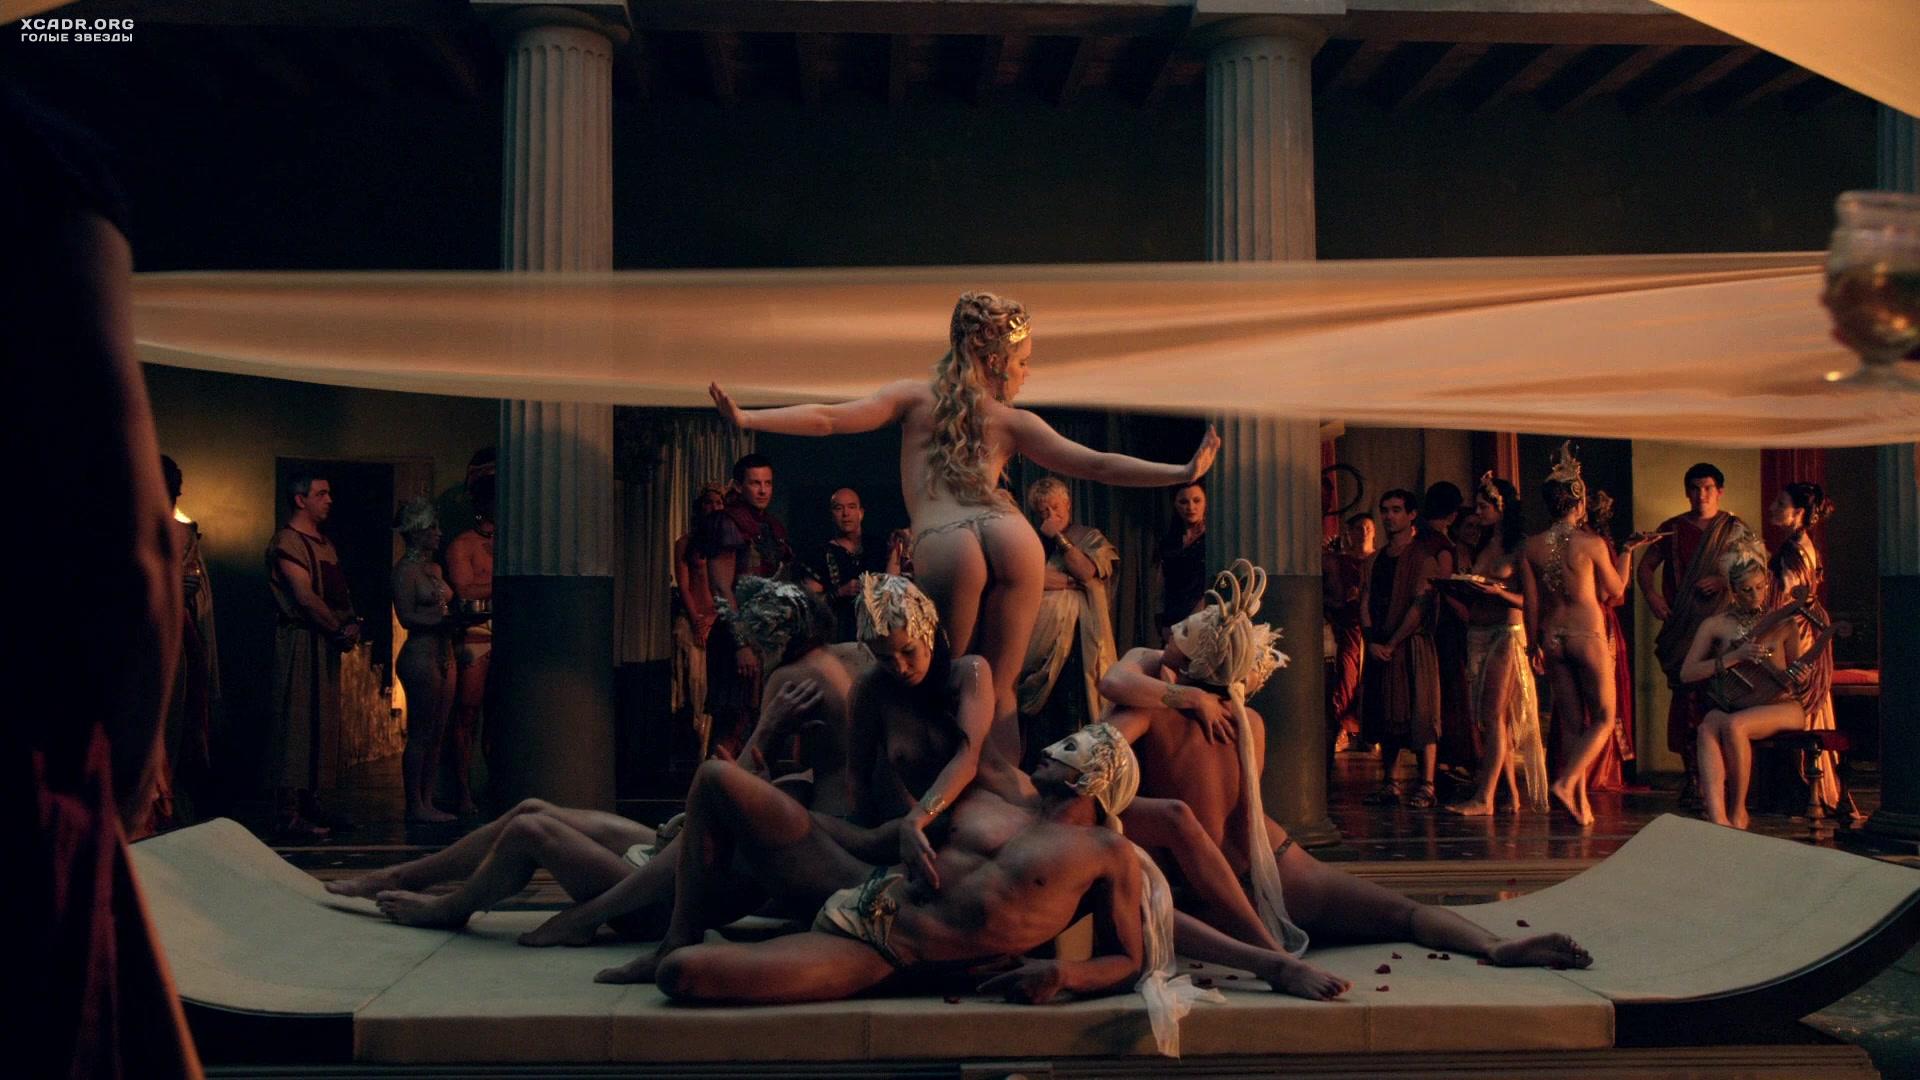 греции смотреть эротику